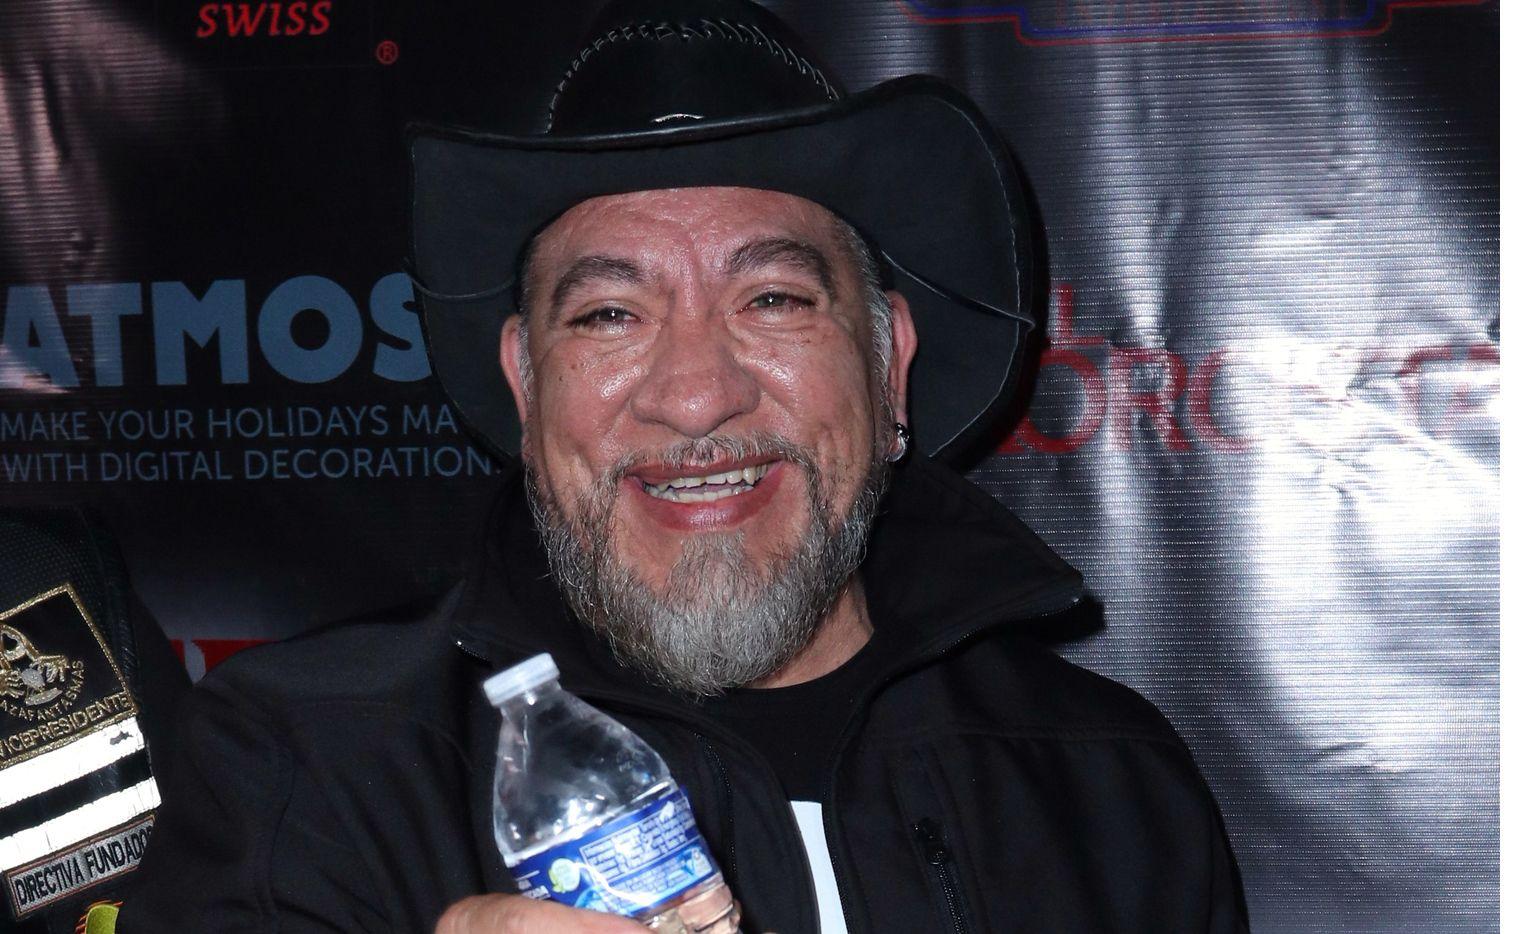 El cazafantasmas Carlos Trejo (foto) afirma que nunca tuvo la intención de herir a Adame con una botella.